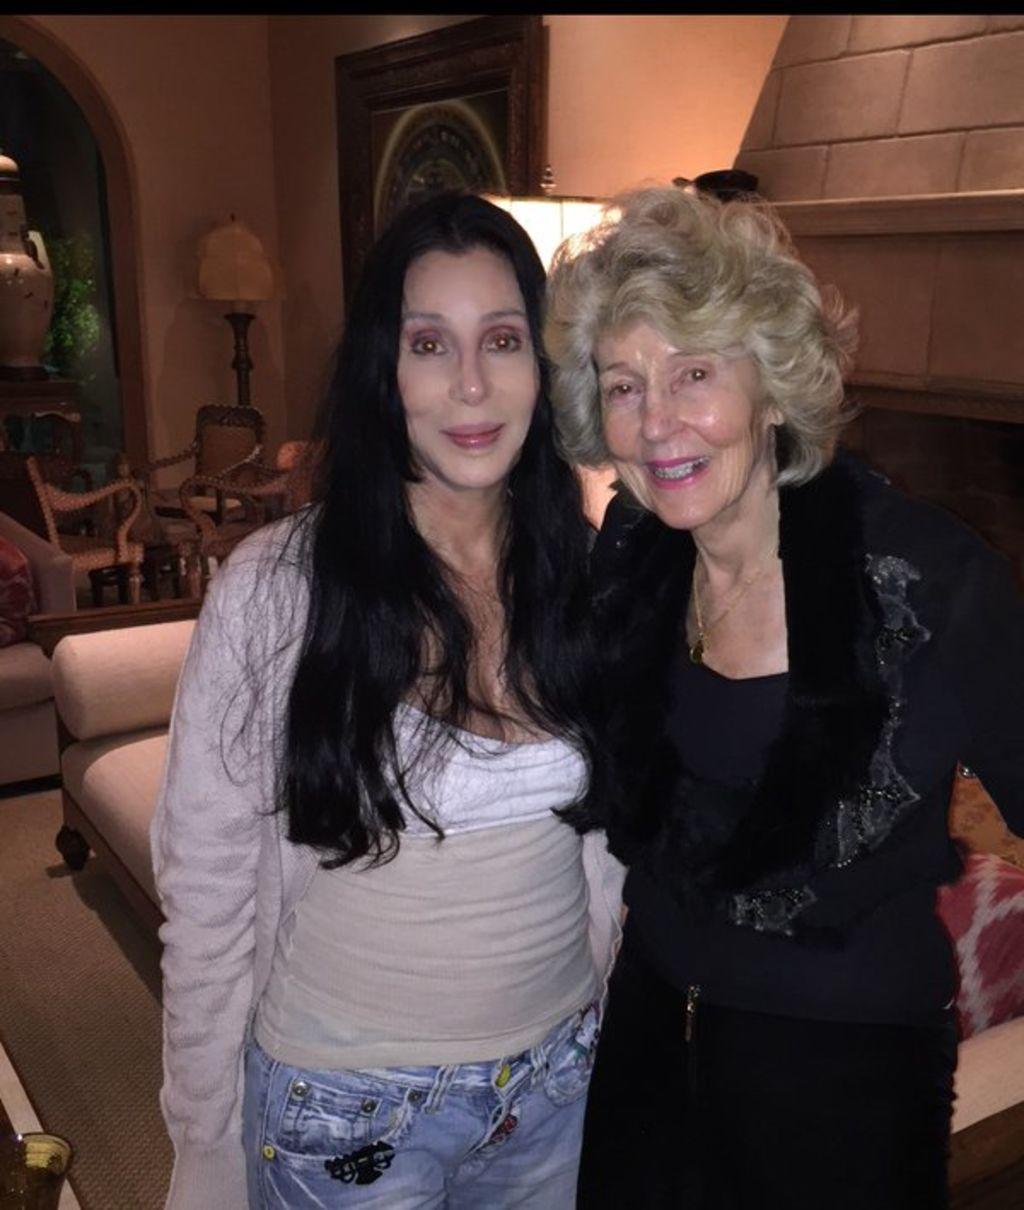 Fotos De Cher presume cher rostro junto a su madre, el siglo de torreón